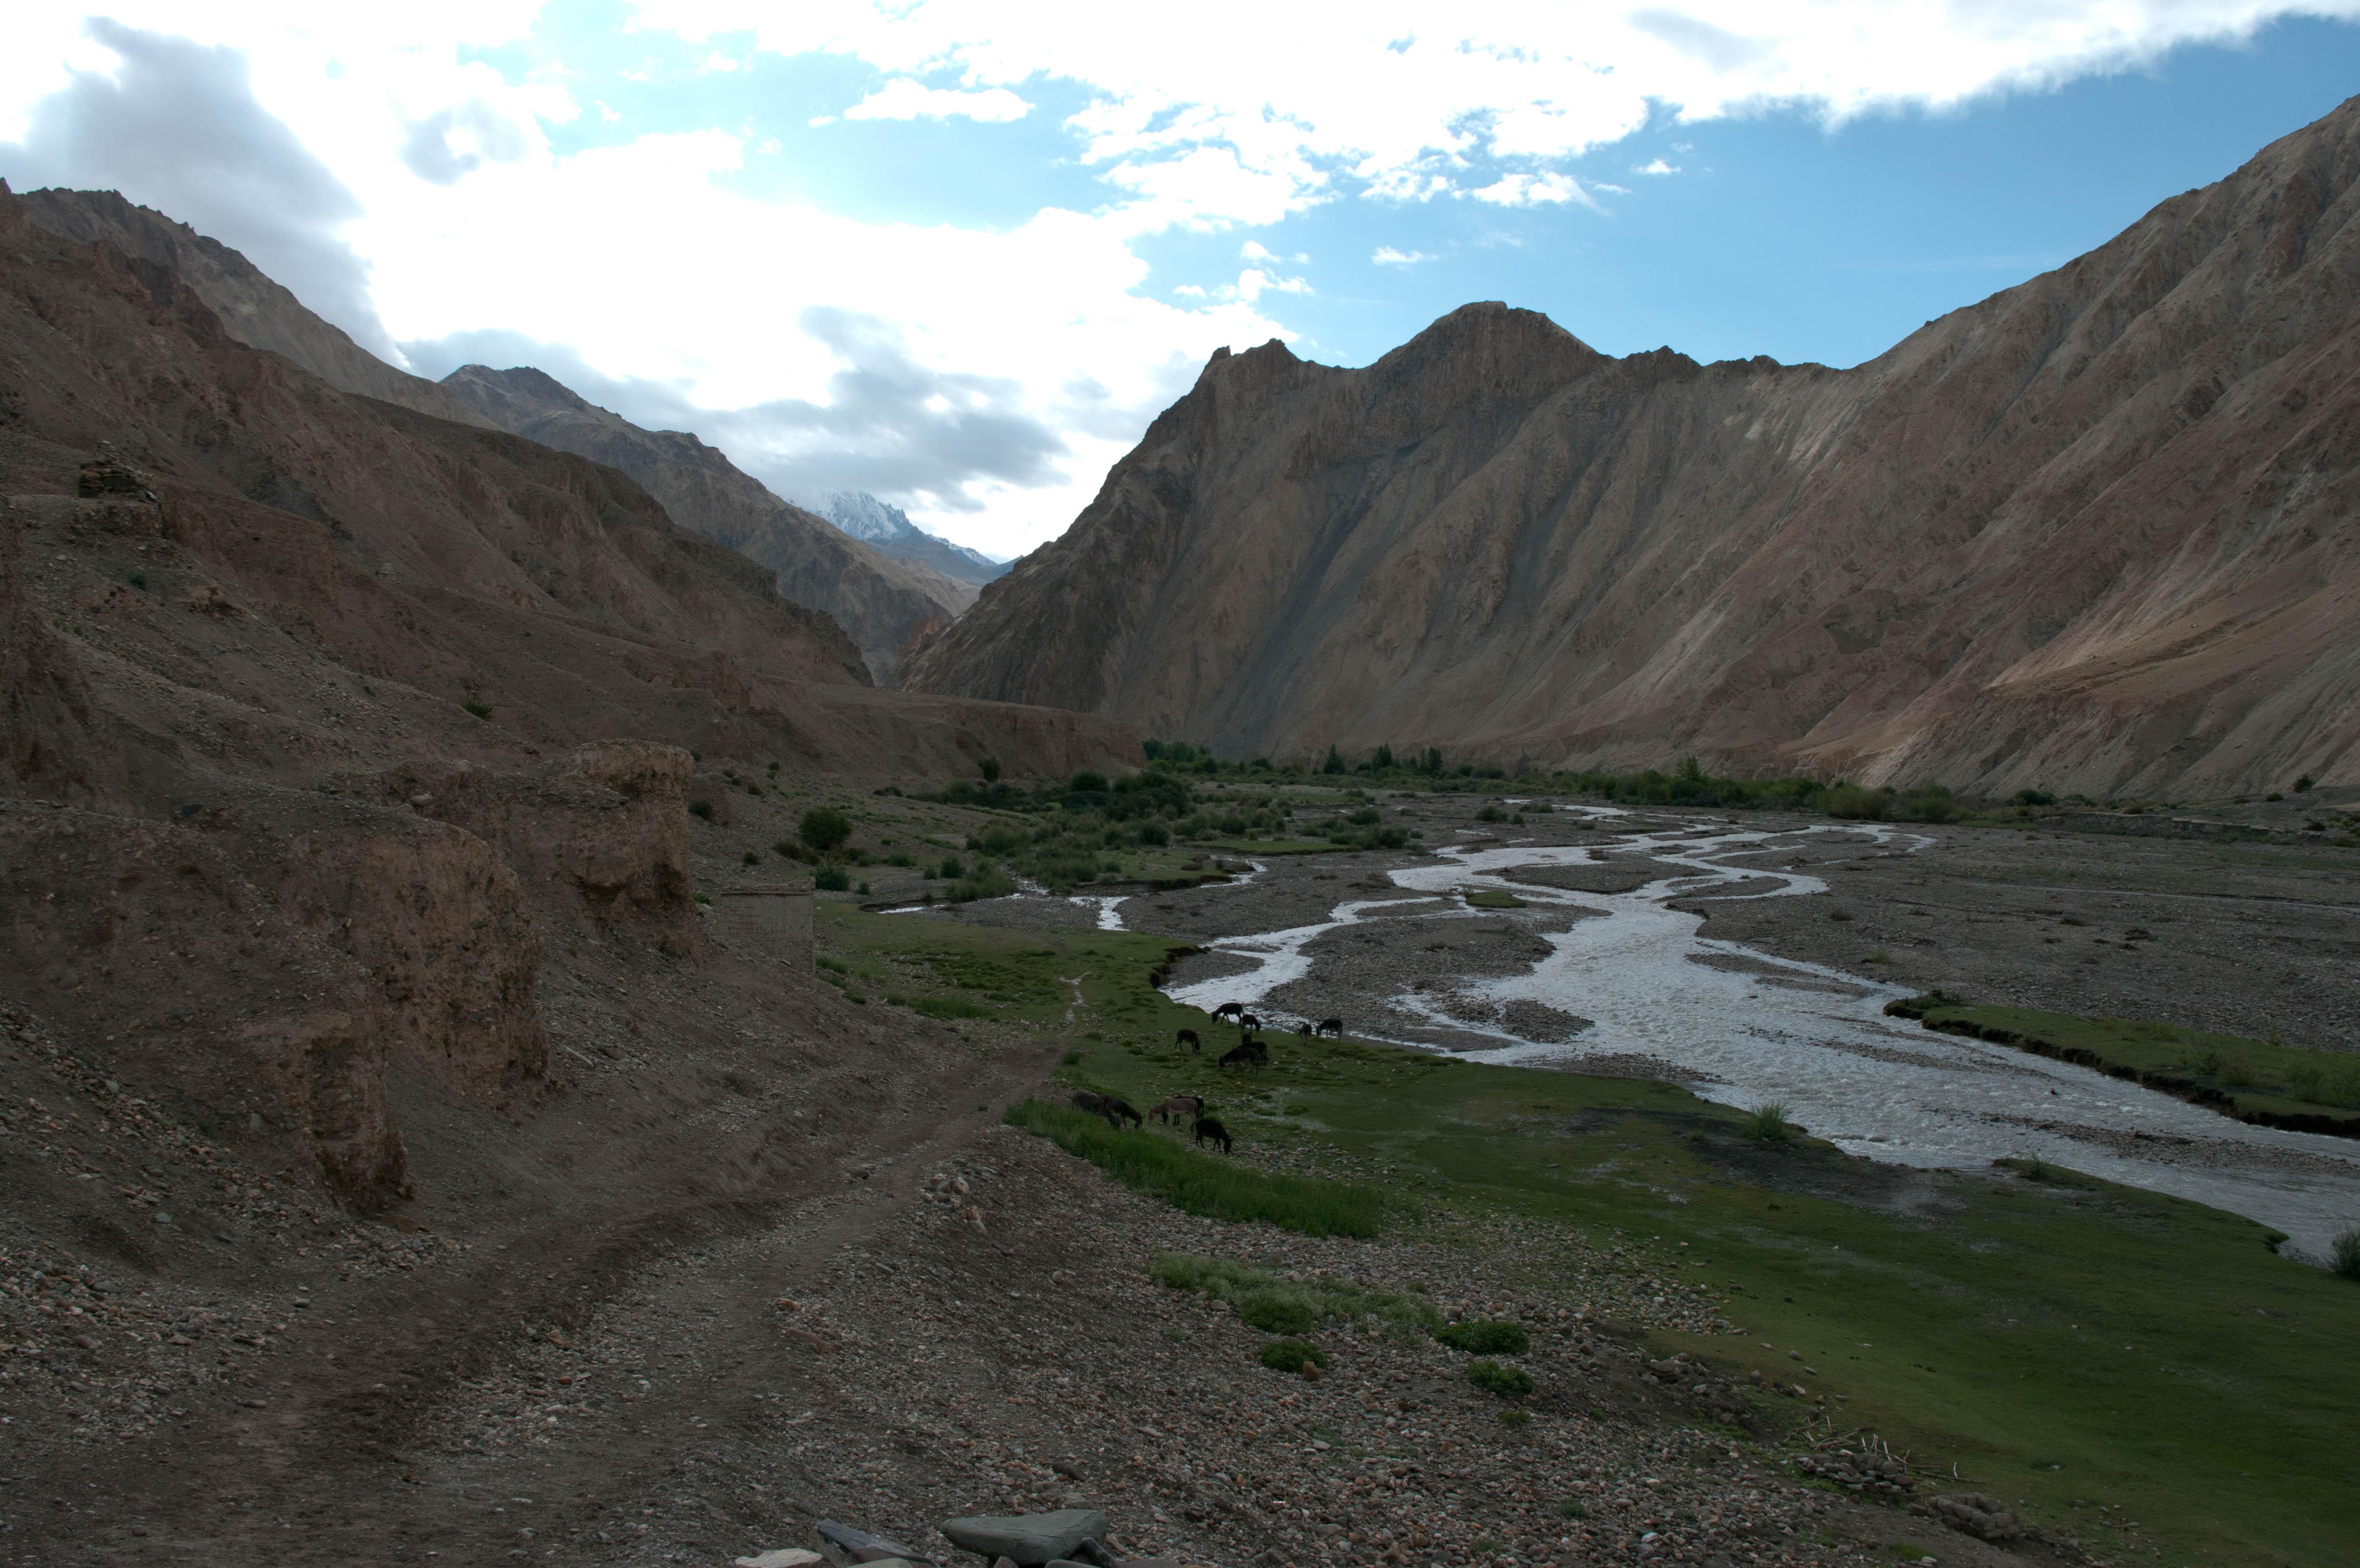 Река меж гор, Гималаи